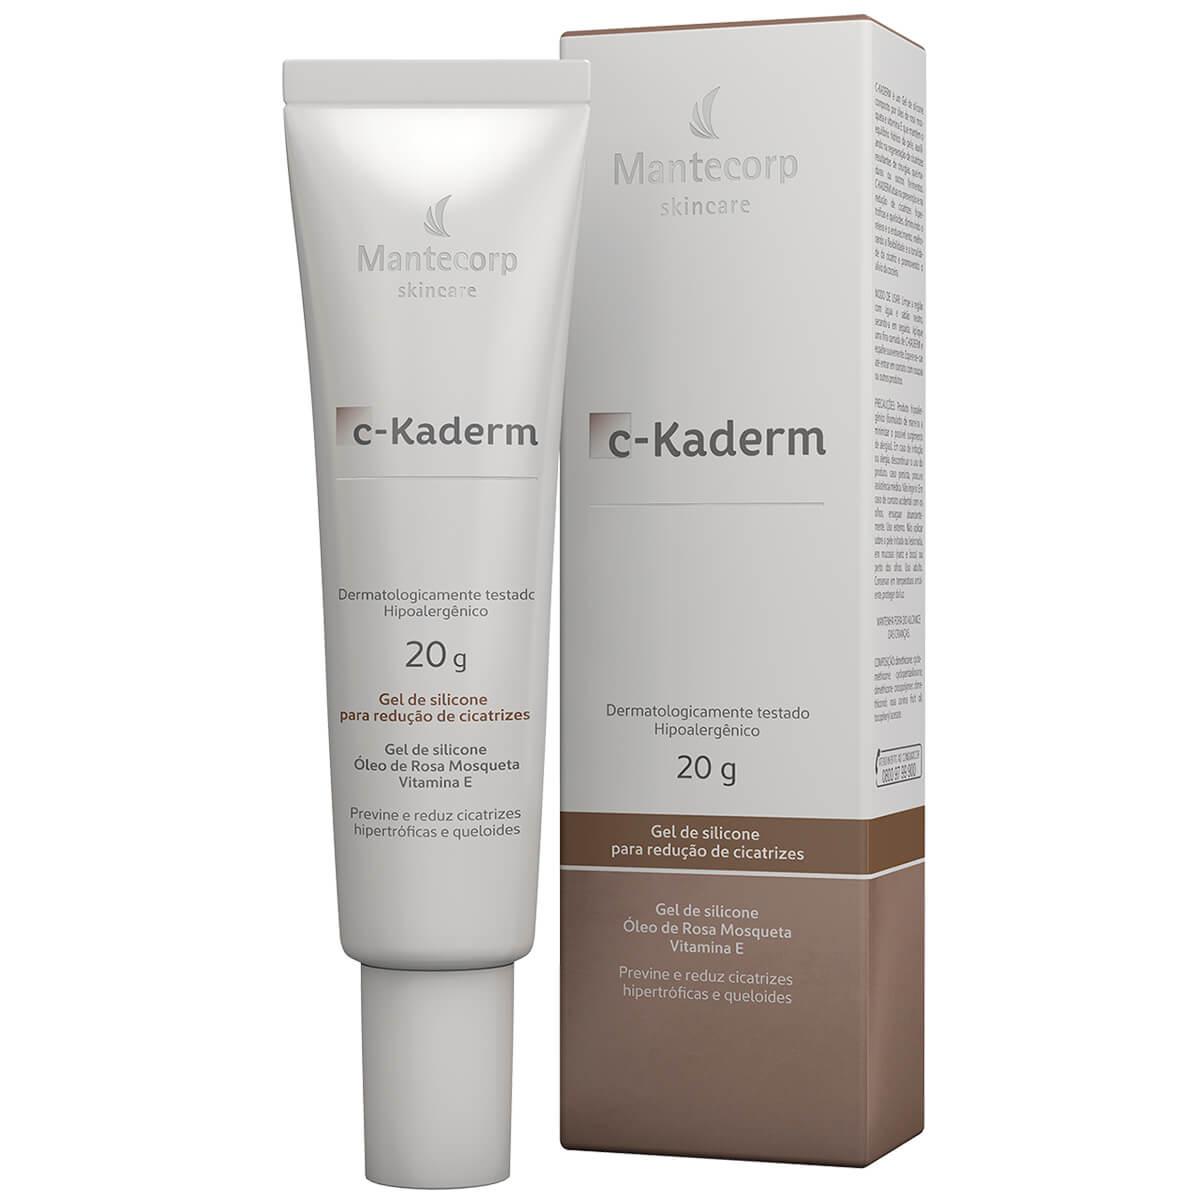 Gel de Silicone para Redução de Cicatrizes Mantecorp C-Kaderm com 20g 20g Gel